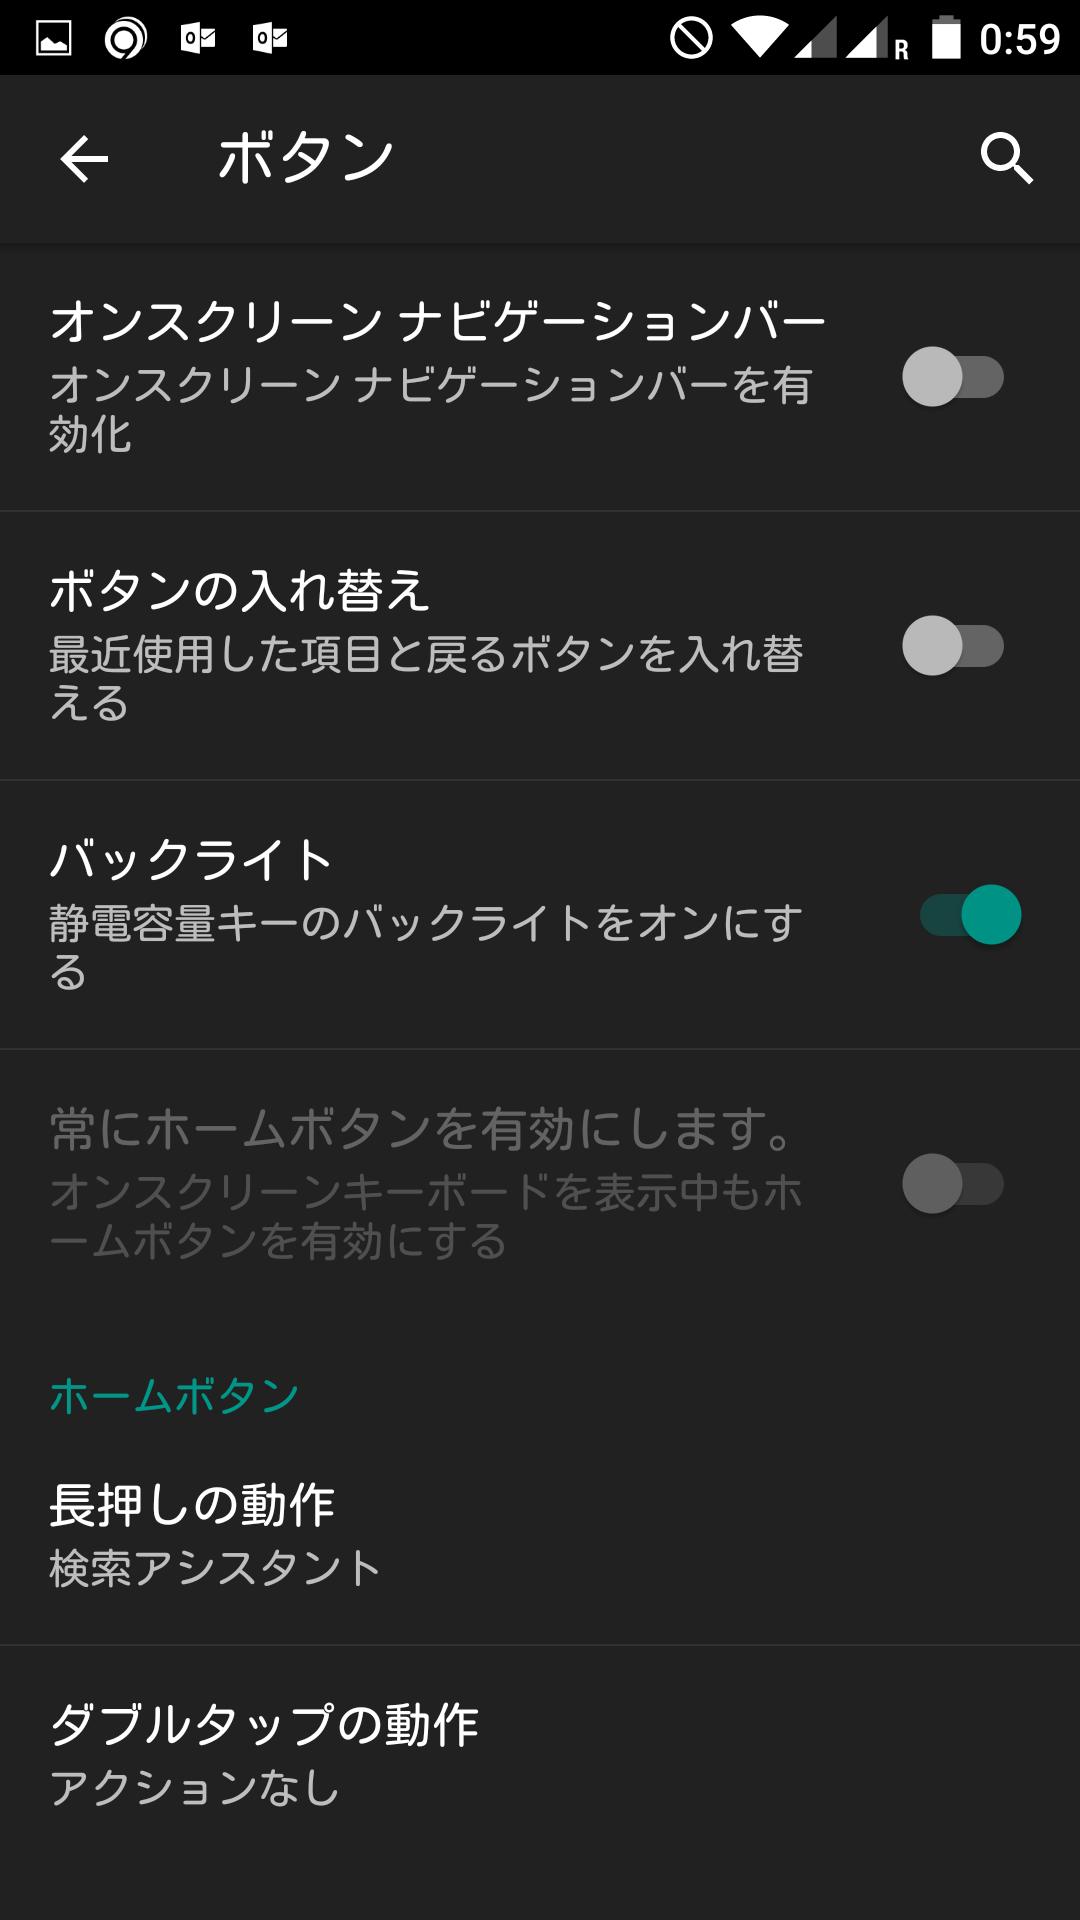 ボタンについての細かい設定ができる。ボタンは基本3つ。真ん中の「ホームボタン」と、左右のボタン。左右のボタンは入れ替えることができる。あと、バックライトをOFFにすると青のラインが消える。